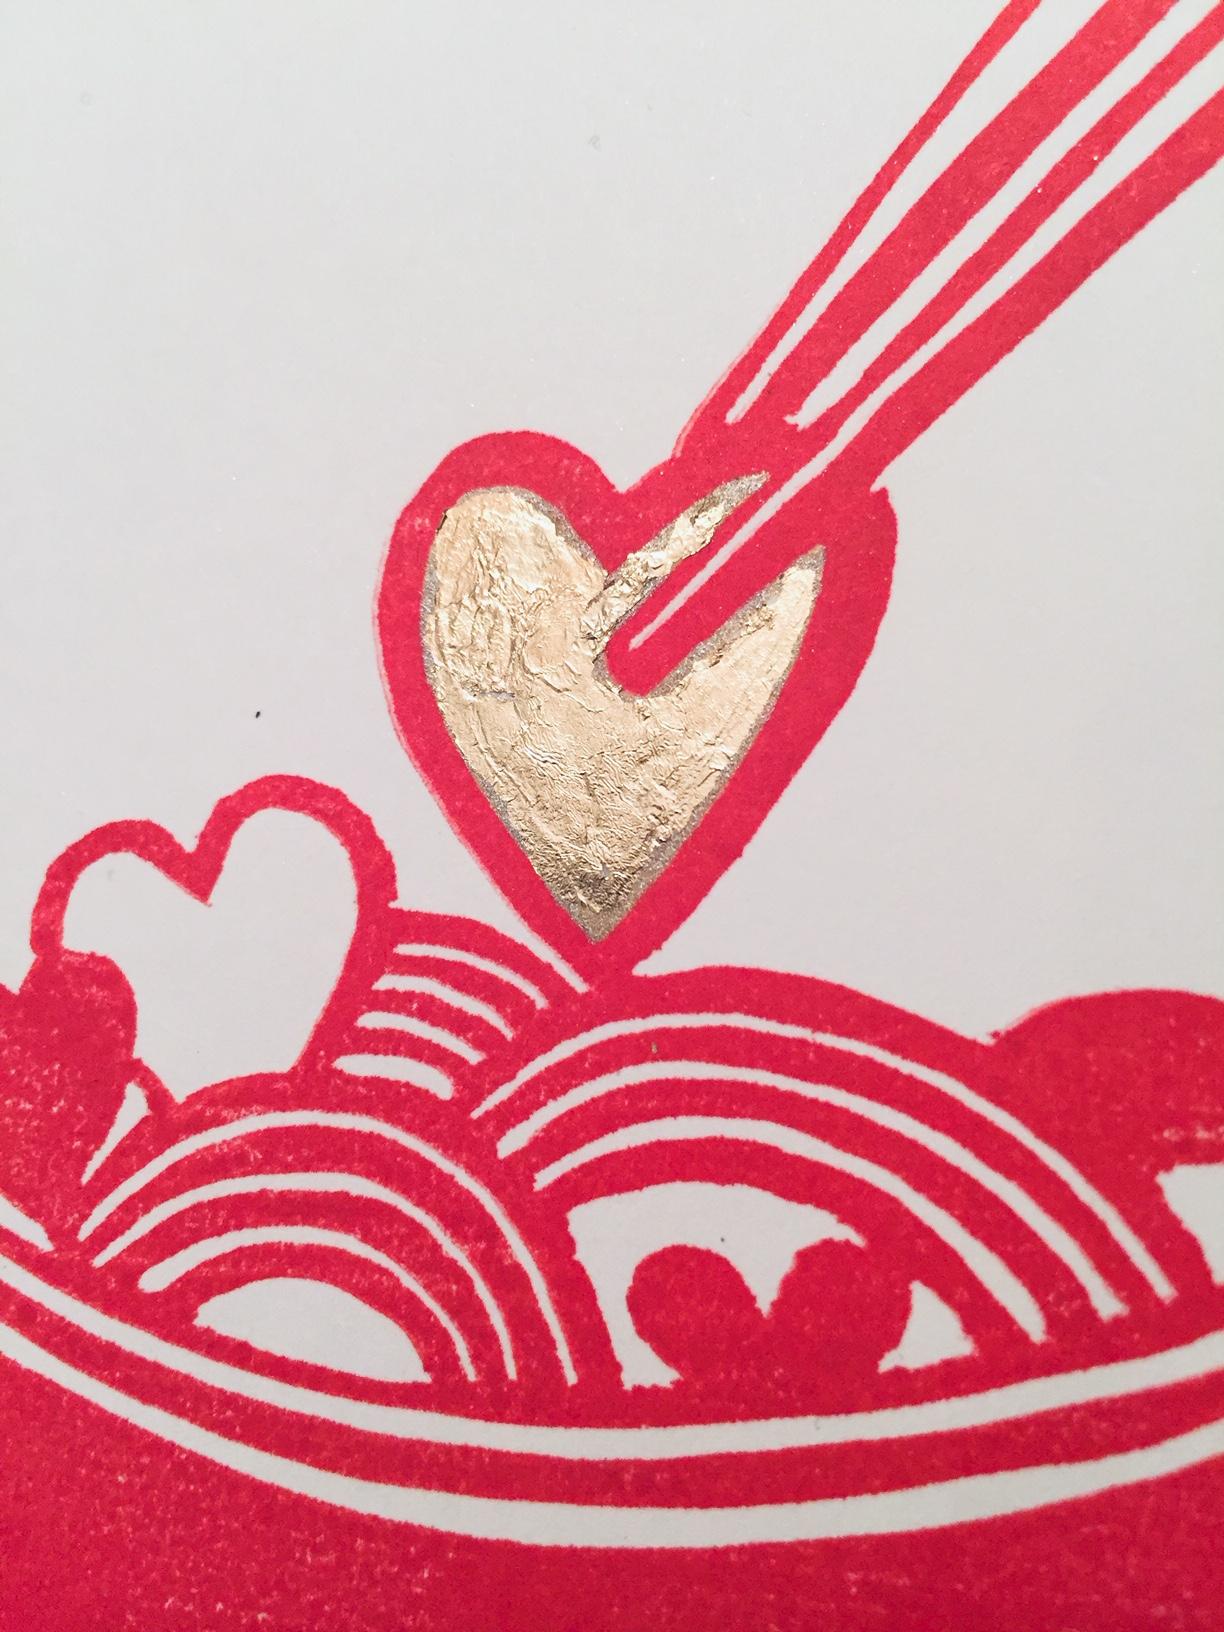 heart and chopsticks.jpg